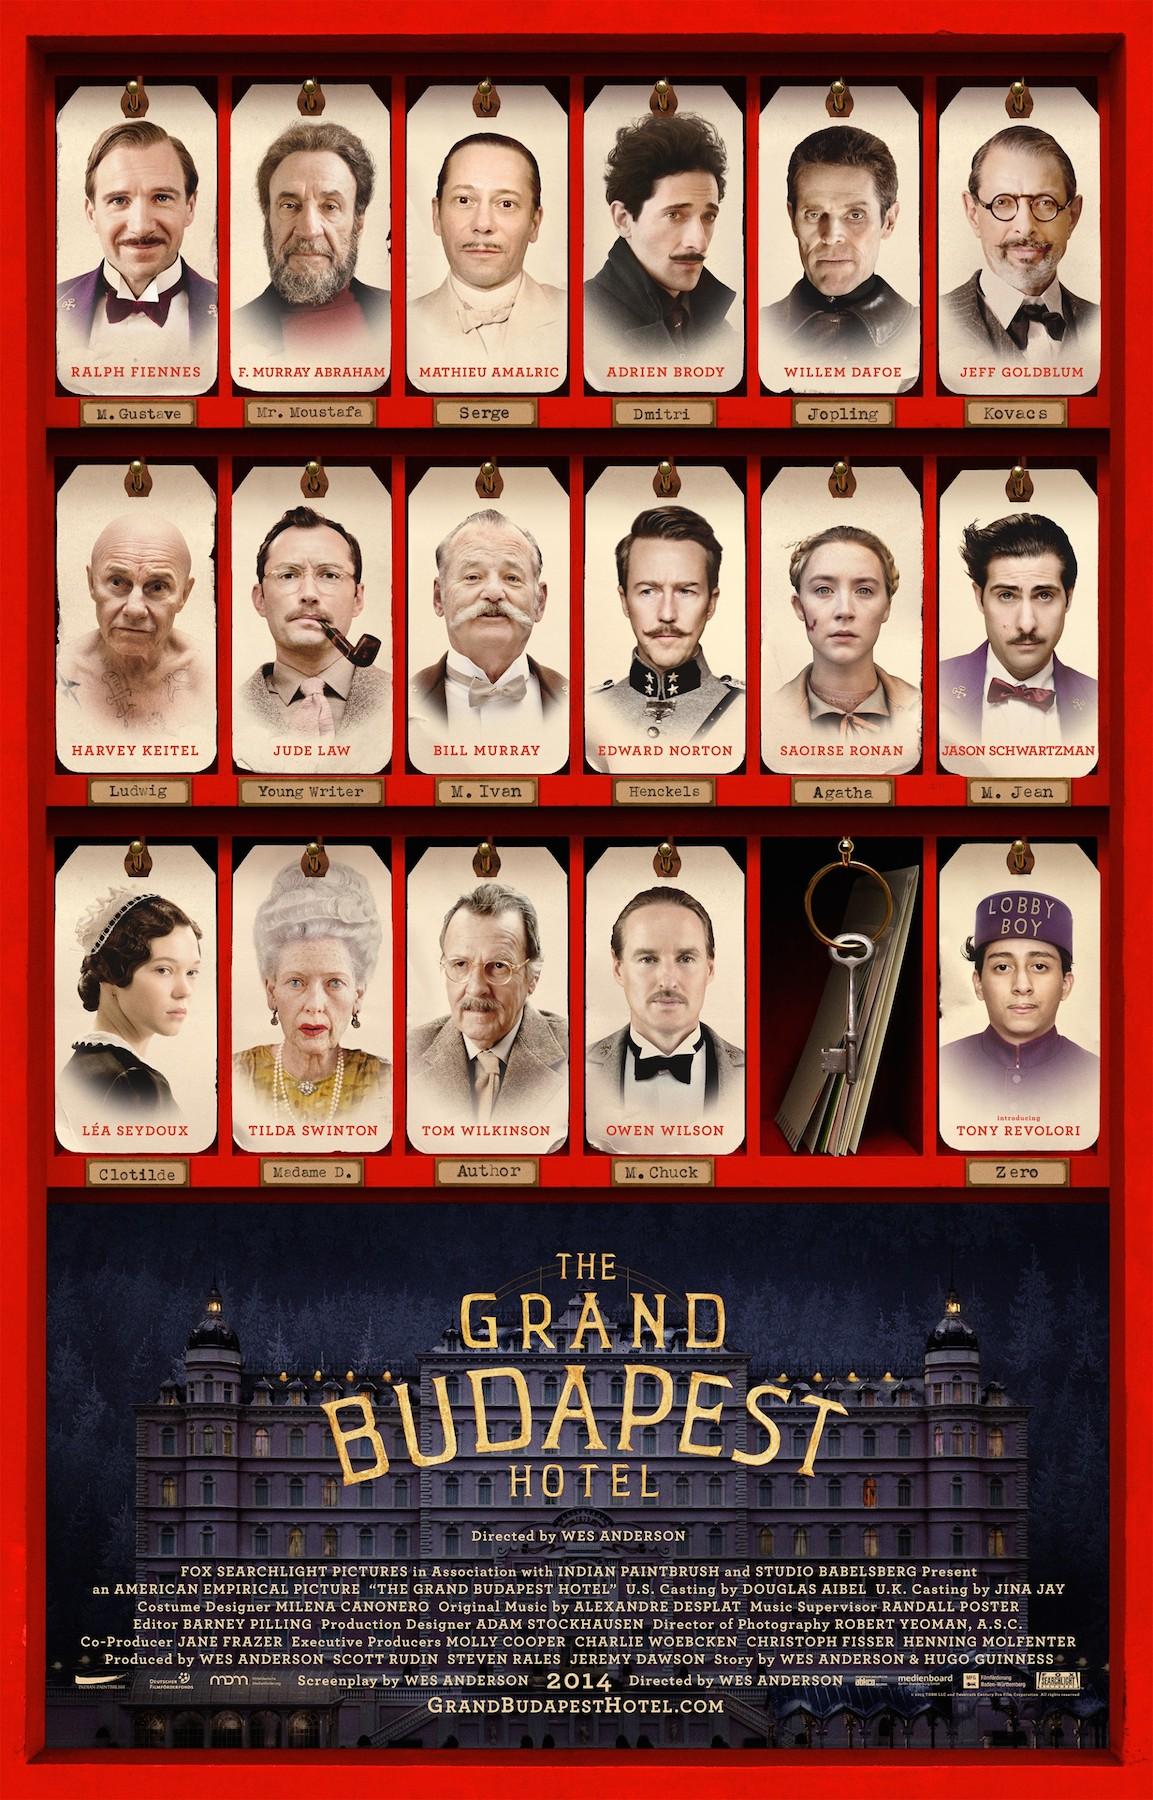 El Gran Hotel Budapest de Wes Anderson con Bill Muray Jude Law Adrien Brody